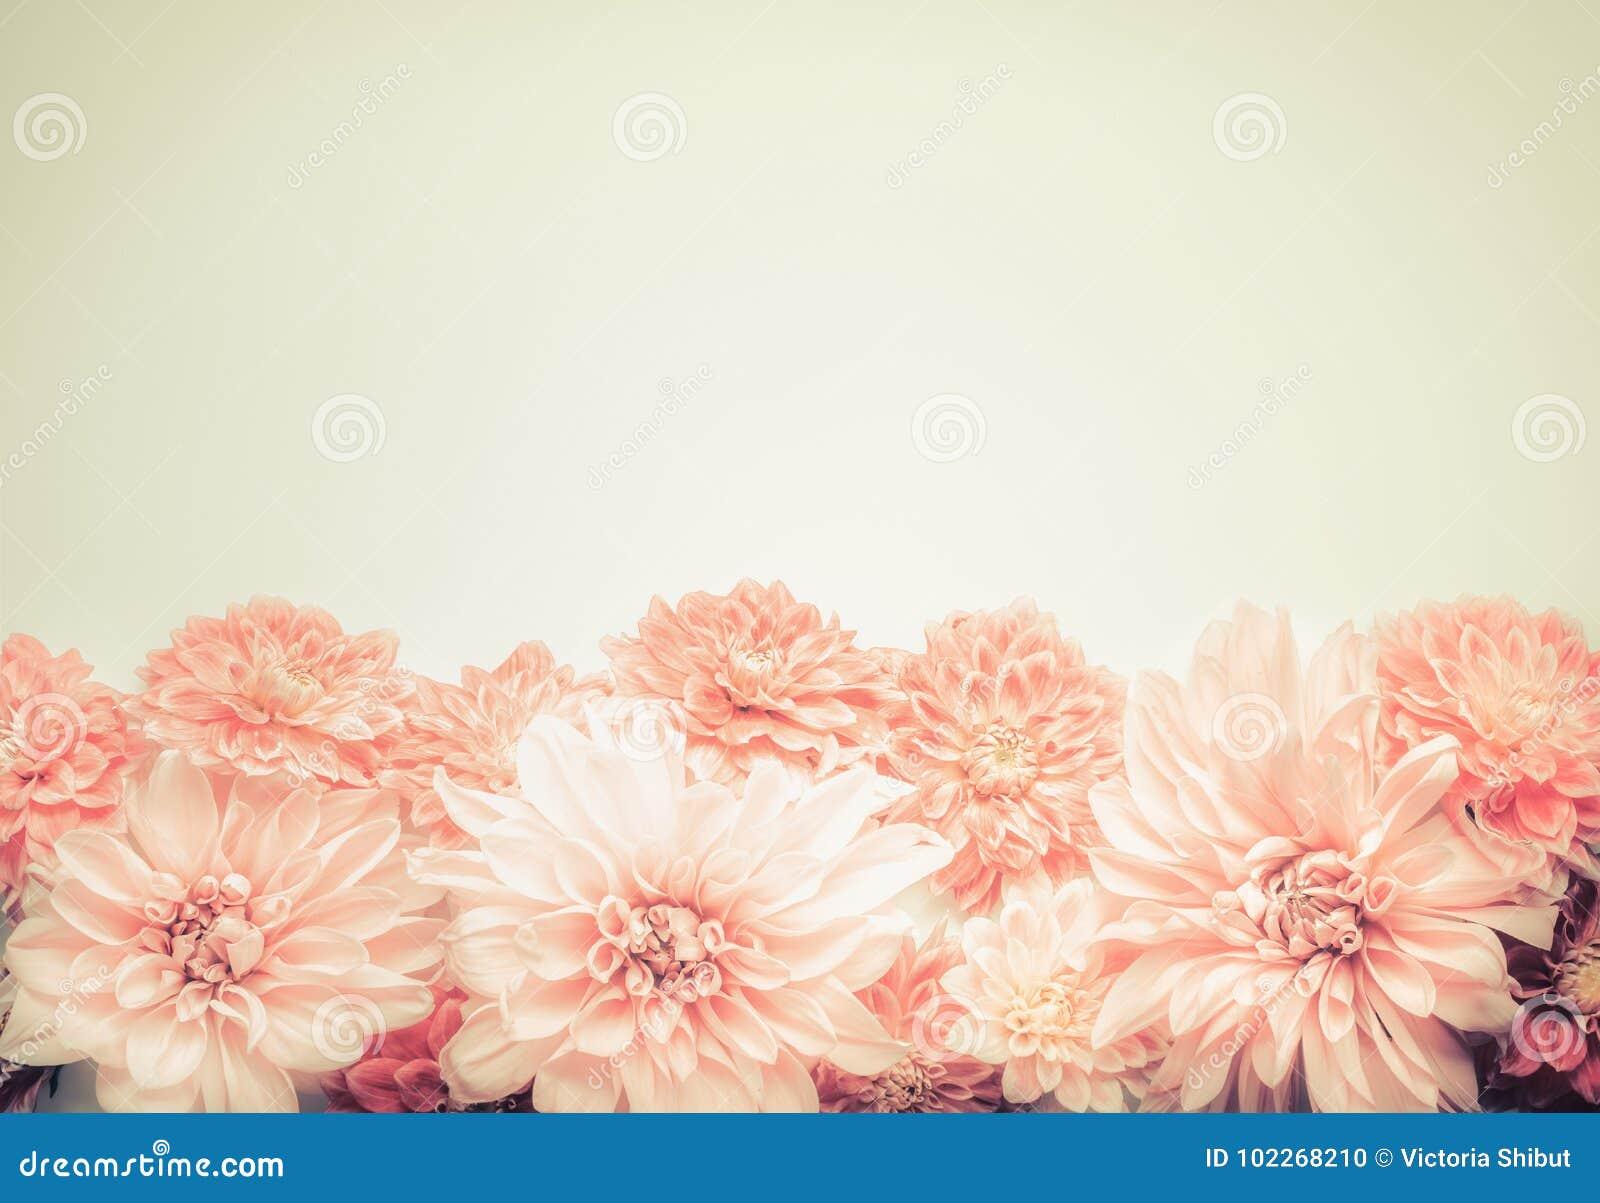 Mooie roze pastelkleurbloemen op beige achtergrond, bovenkant, grens Mooie groetkaart of uitnodiging voor huwelijk, Moedersdag